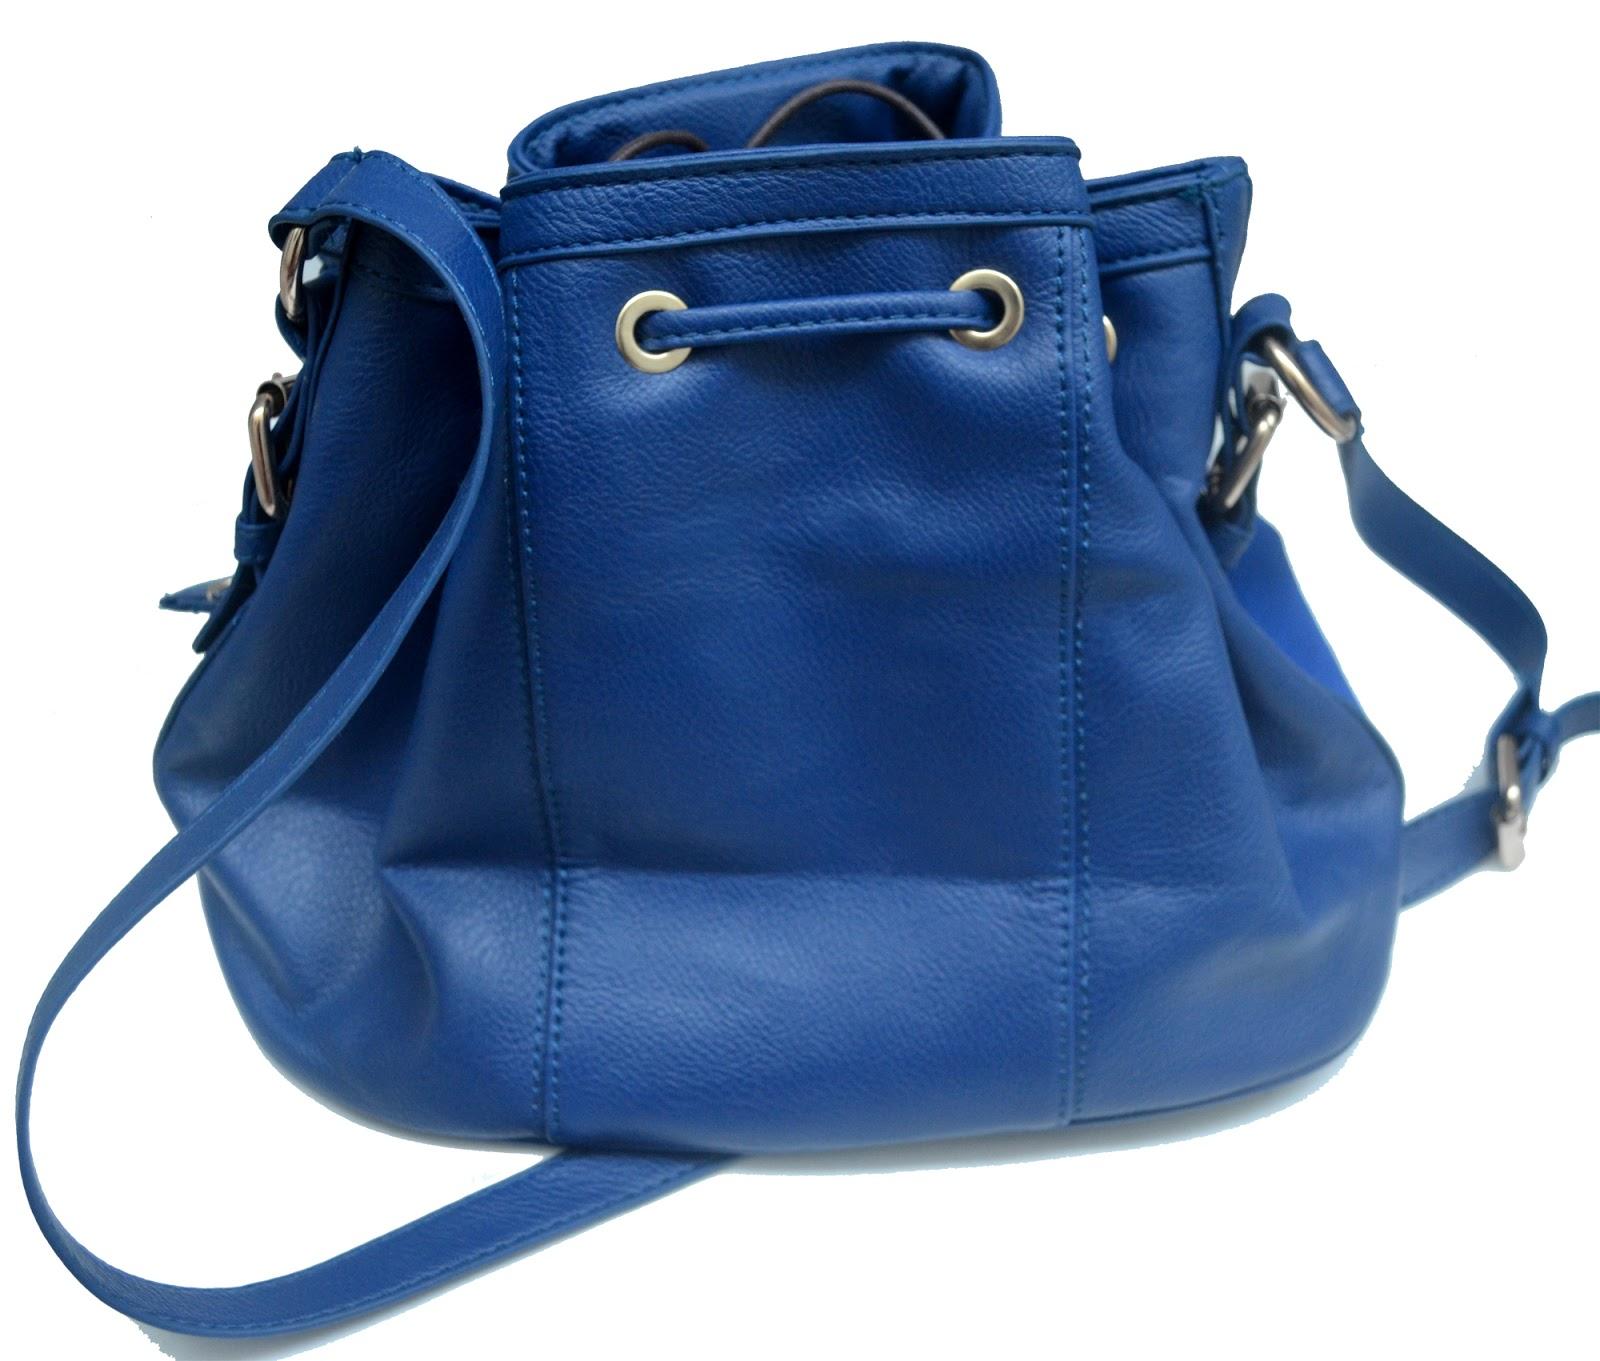 Bolsa De Festa Azul Bic : ?rea vendida bolsinha tipo saco azul